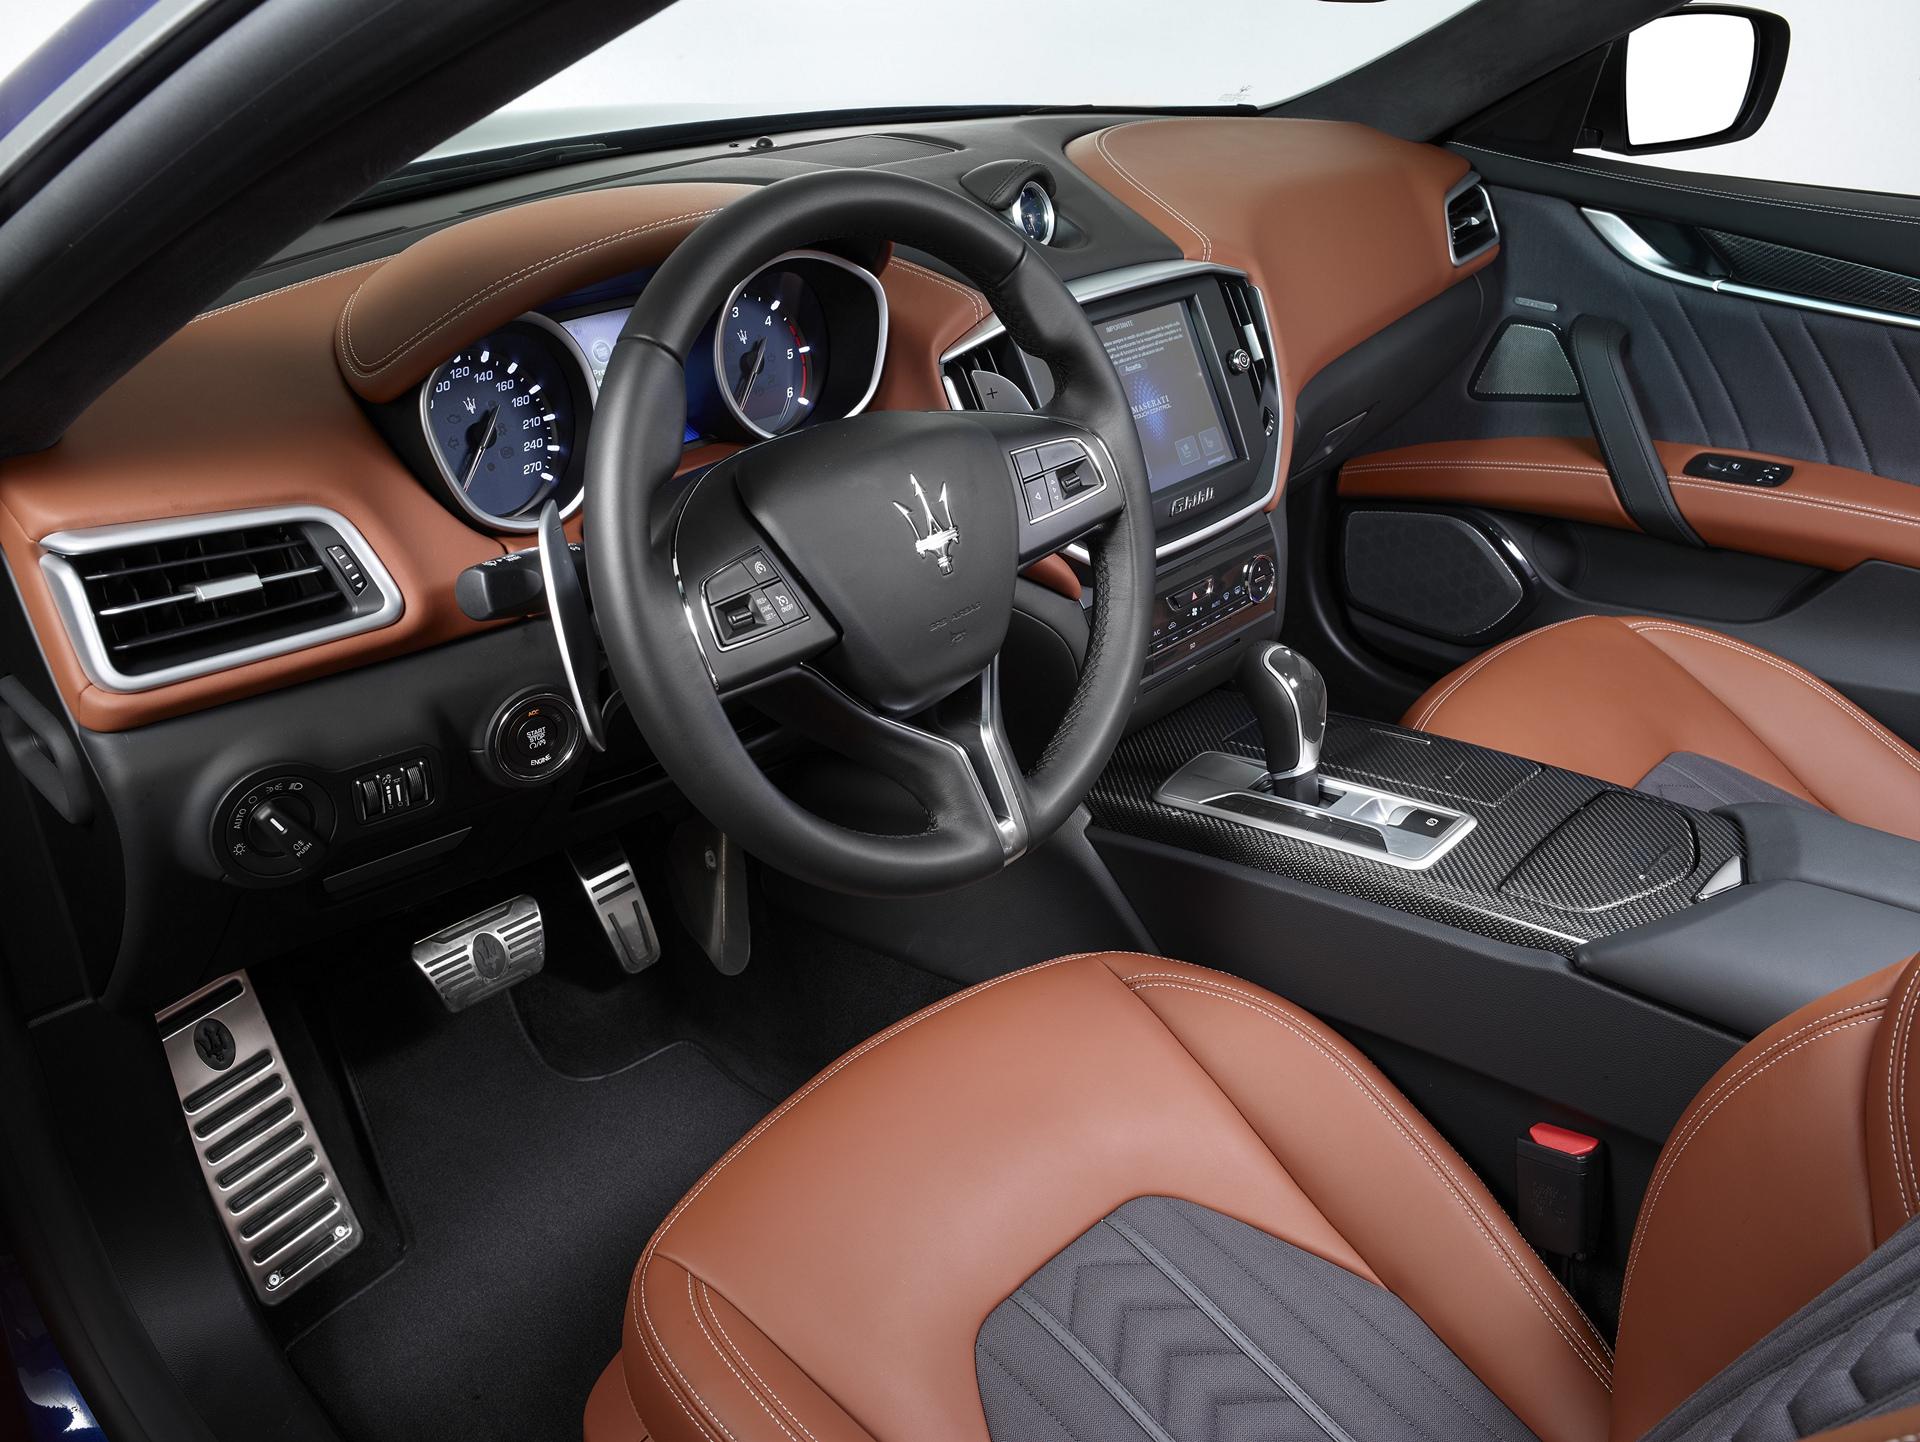 Maserati Ghibli © Fiat Chrysler Automobiles N.V.